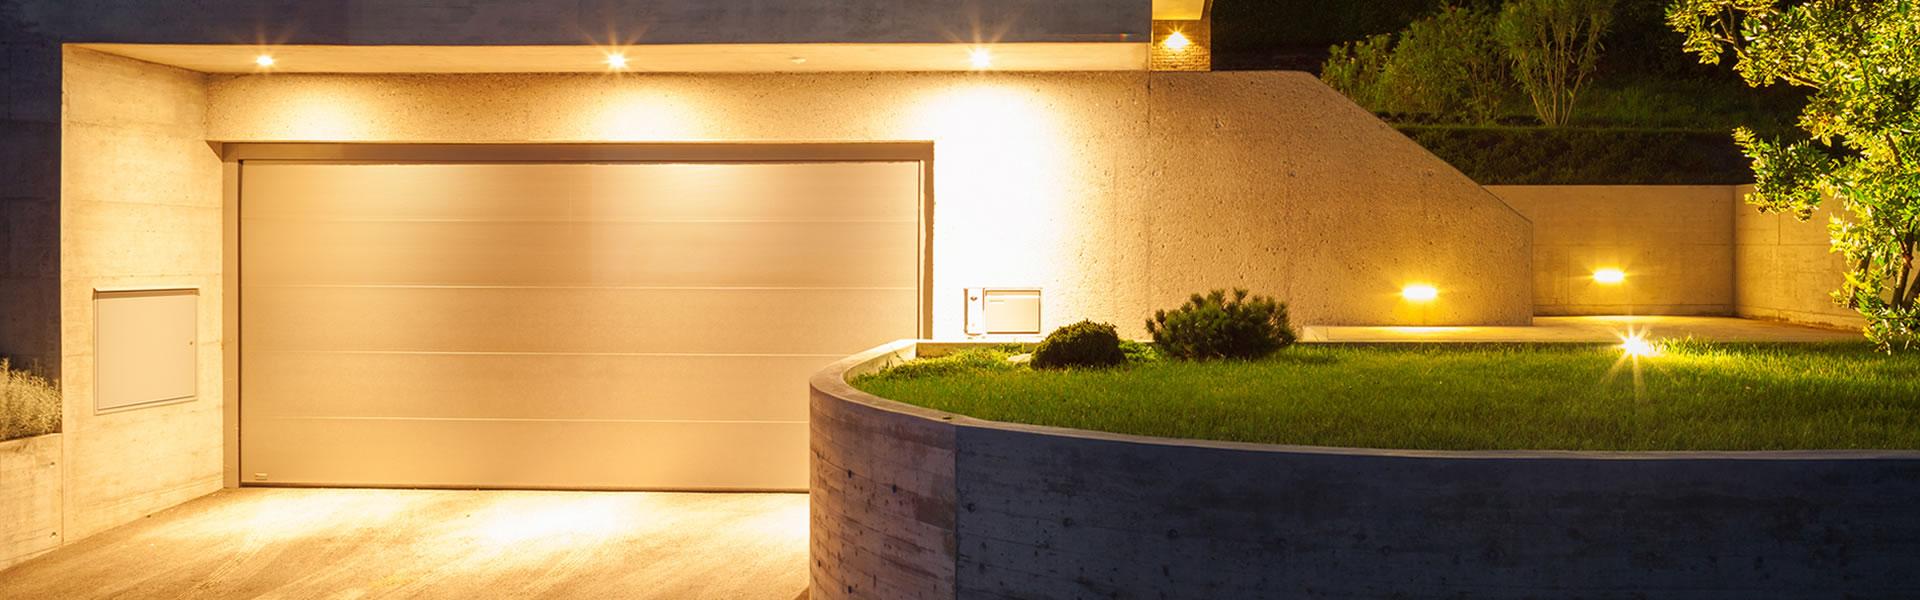 Comment Installer Un Eclairage Exterieur comment réussir une installation électrique en extérieur